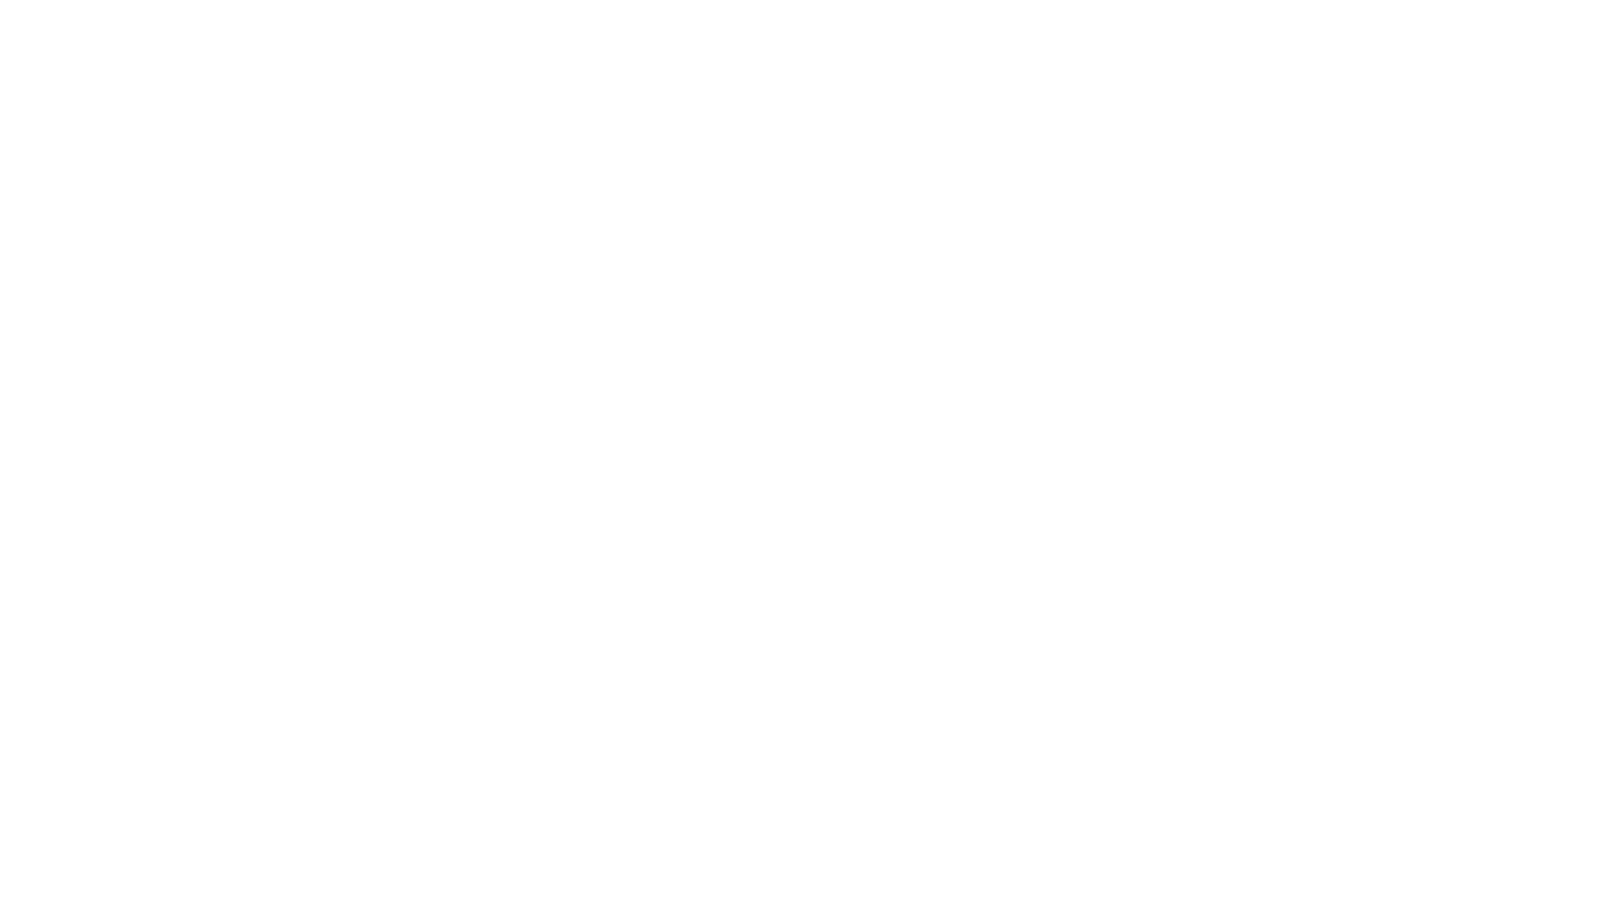 Resumen del partido entre el Club Hielo Jaca y el S.A.D Majadahonda, durante la última jornada del campeonato de la temporada 2020-21 de la Liga Nacional de Hockey Hielo.  #CHjaca #FEDHIELO #LNHH #Huescalamagia #JacaPirineos  #SinAficionNoHayEquipo